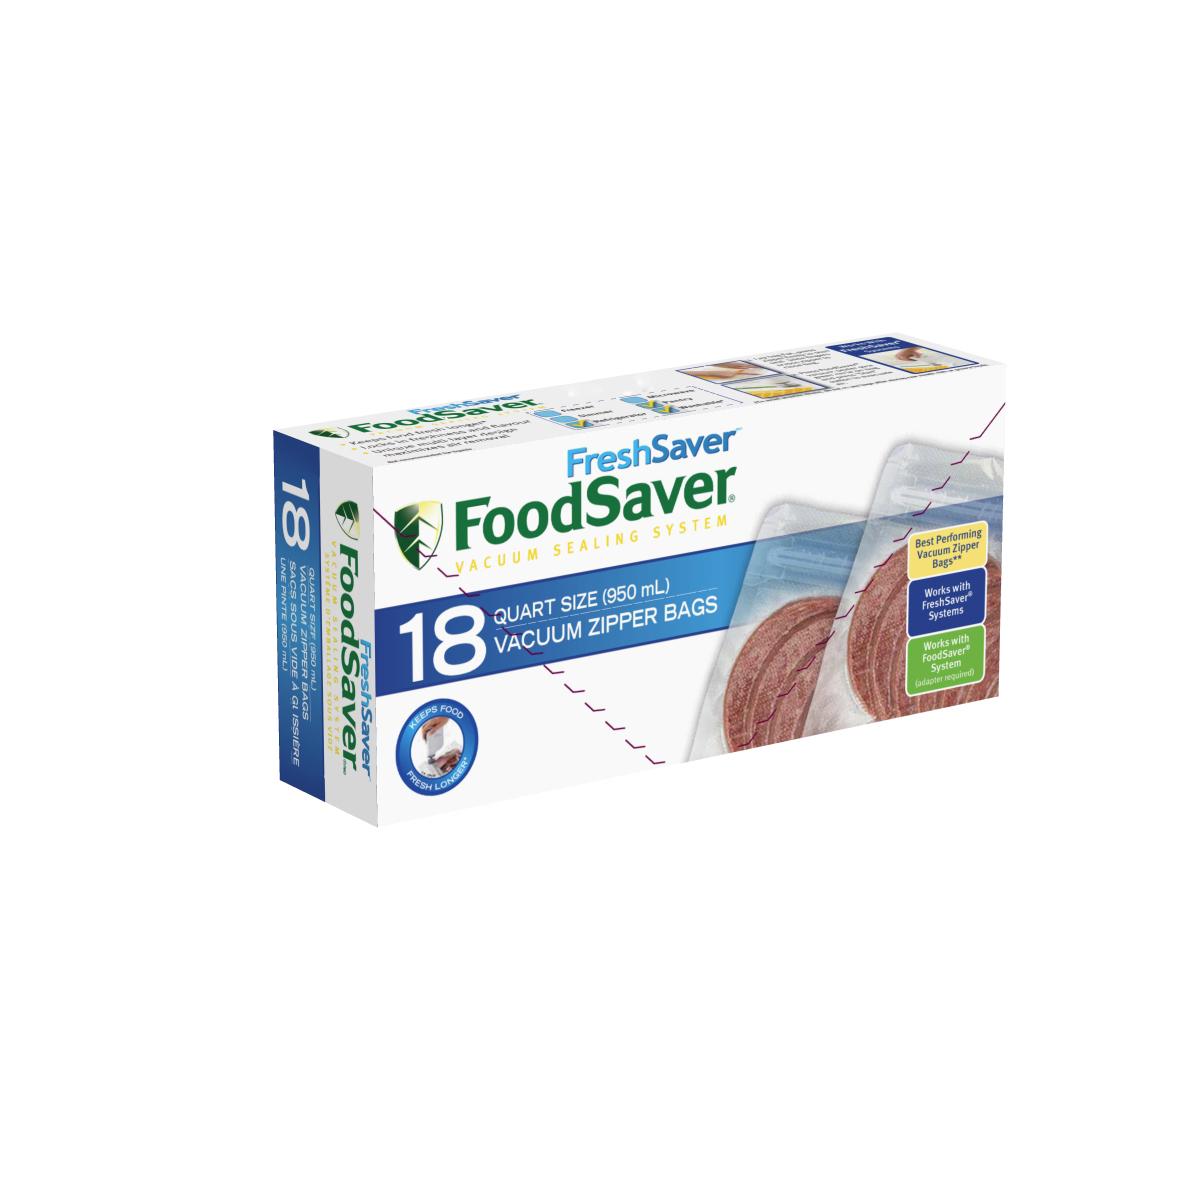 foodsaver freshsaver quart size zipper vacuum sealer bags 18 count - Vacuum Sealer Bags